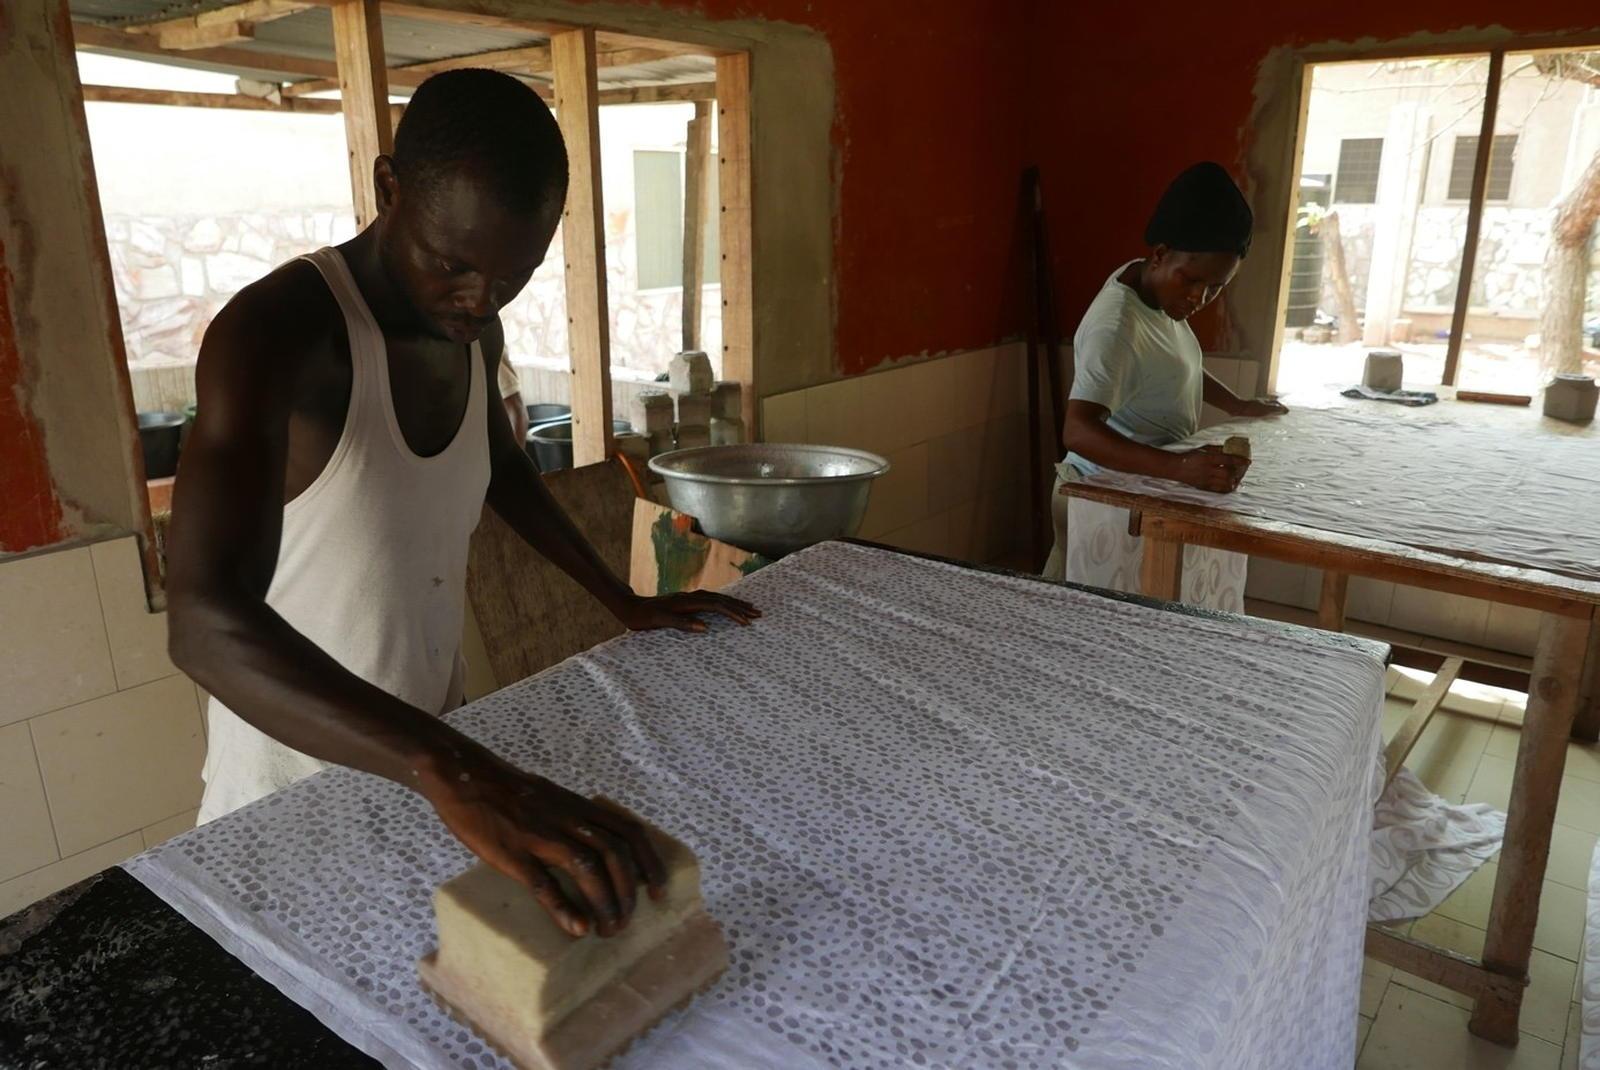 Voyage dans les coulisses de fabrication d'une basket Panafrica - Travail du Batik dans l'atelier d'Esther au Ghana